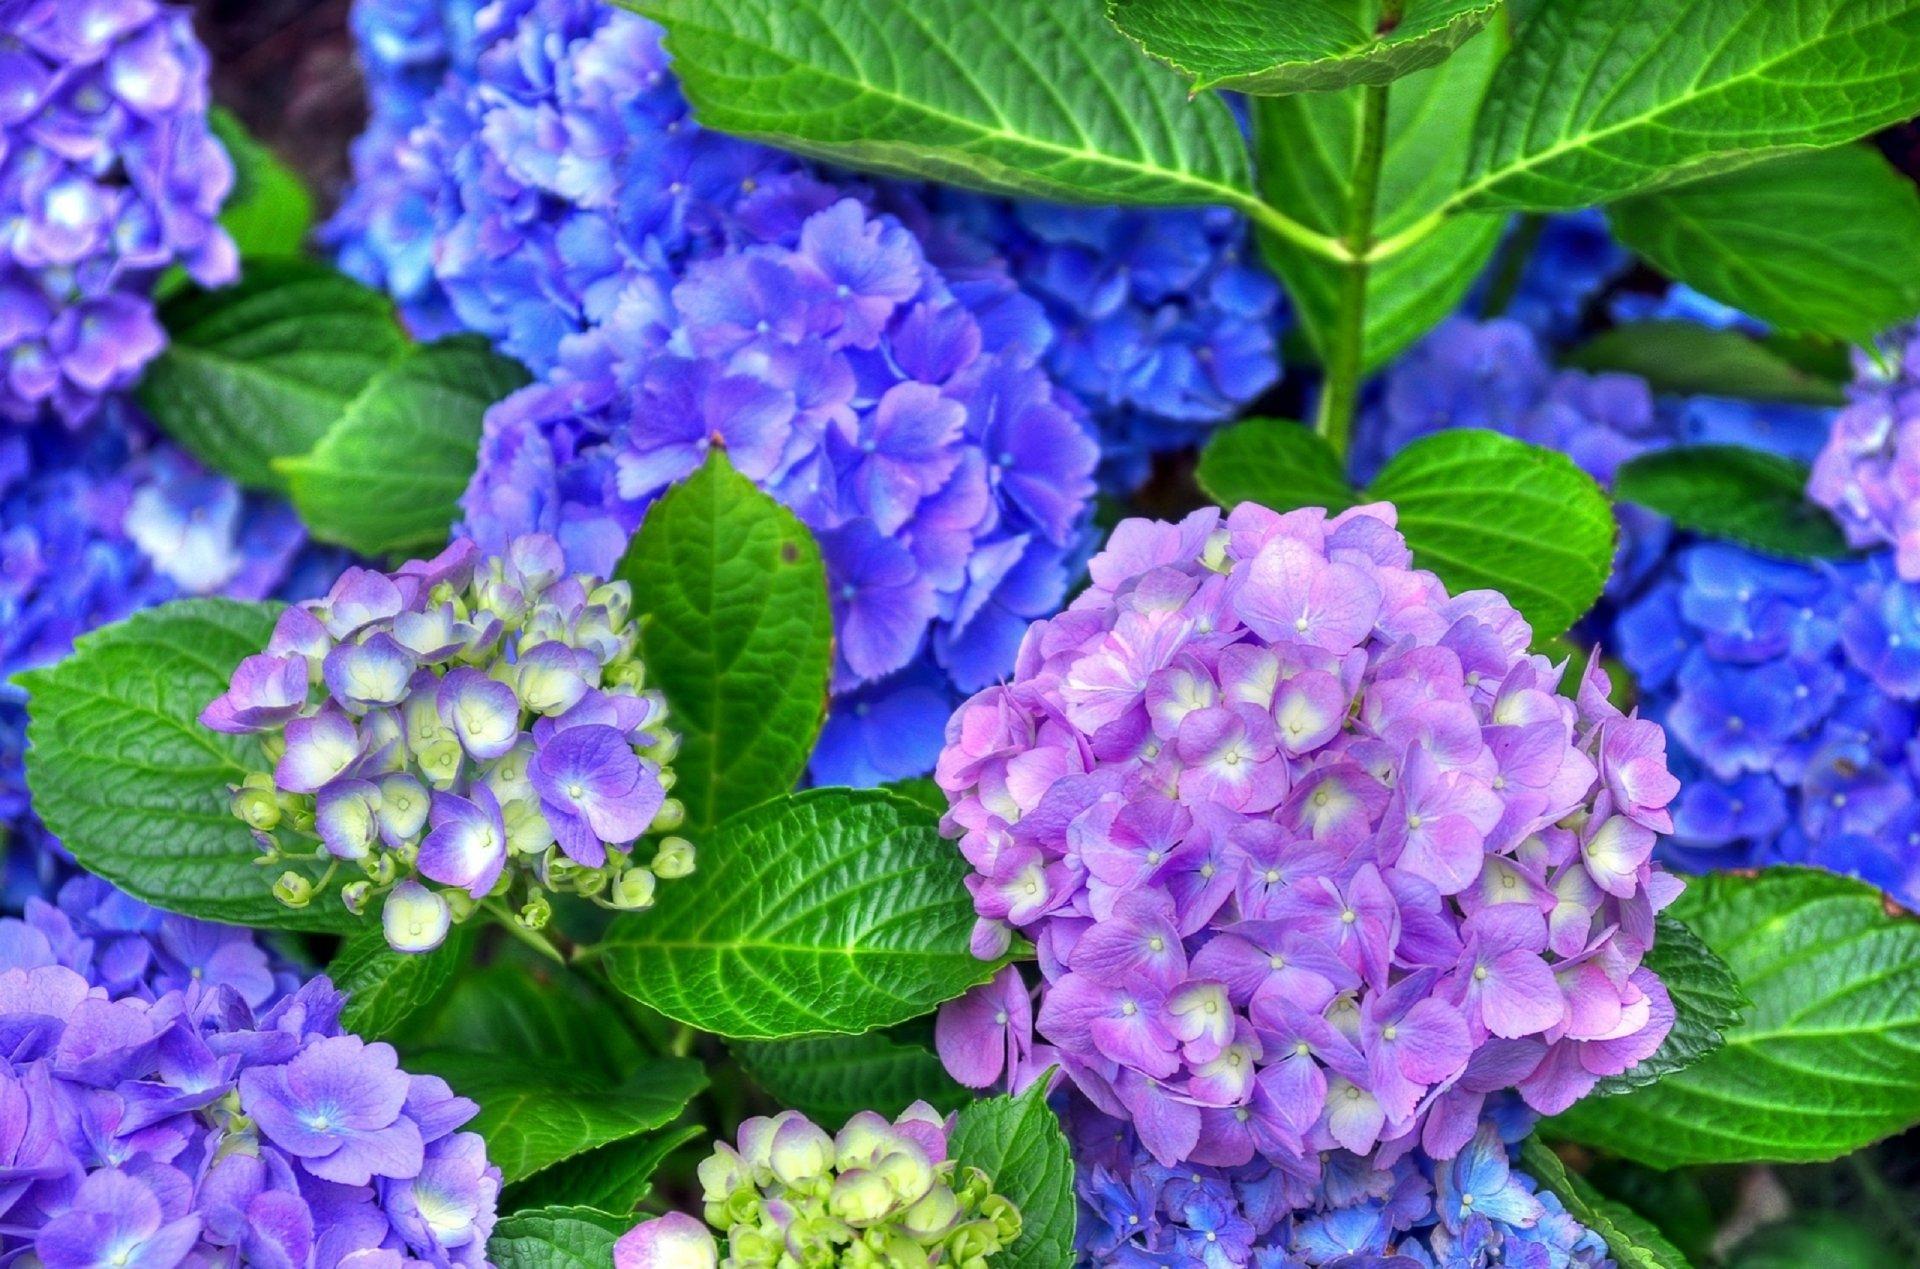 Purple And Blue Hydrangeas HD Wallpaper